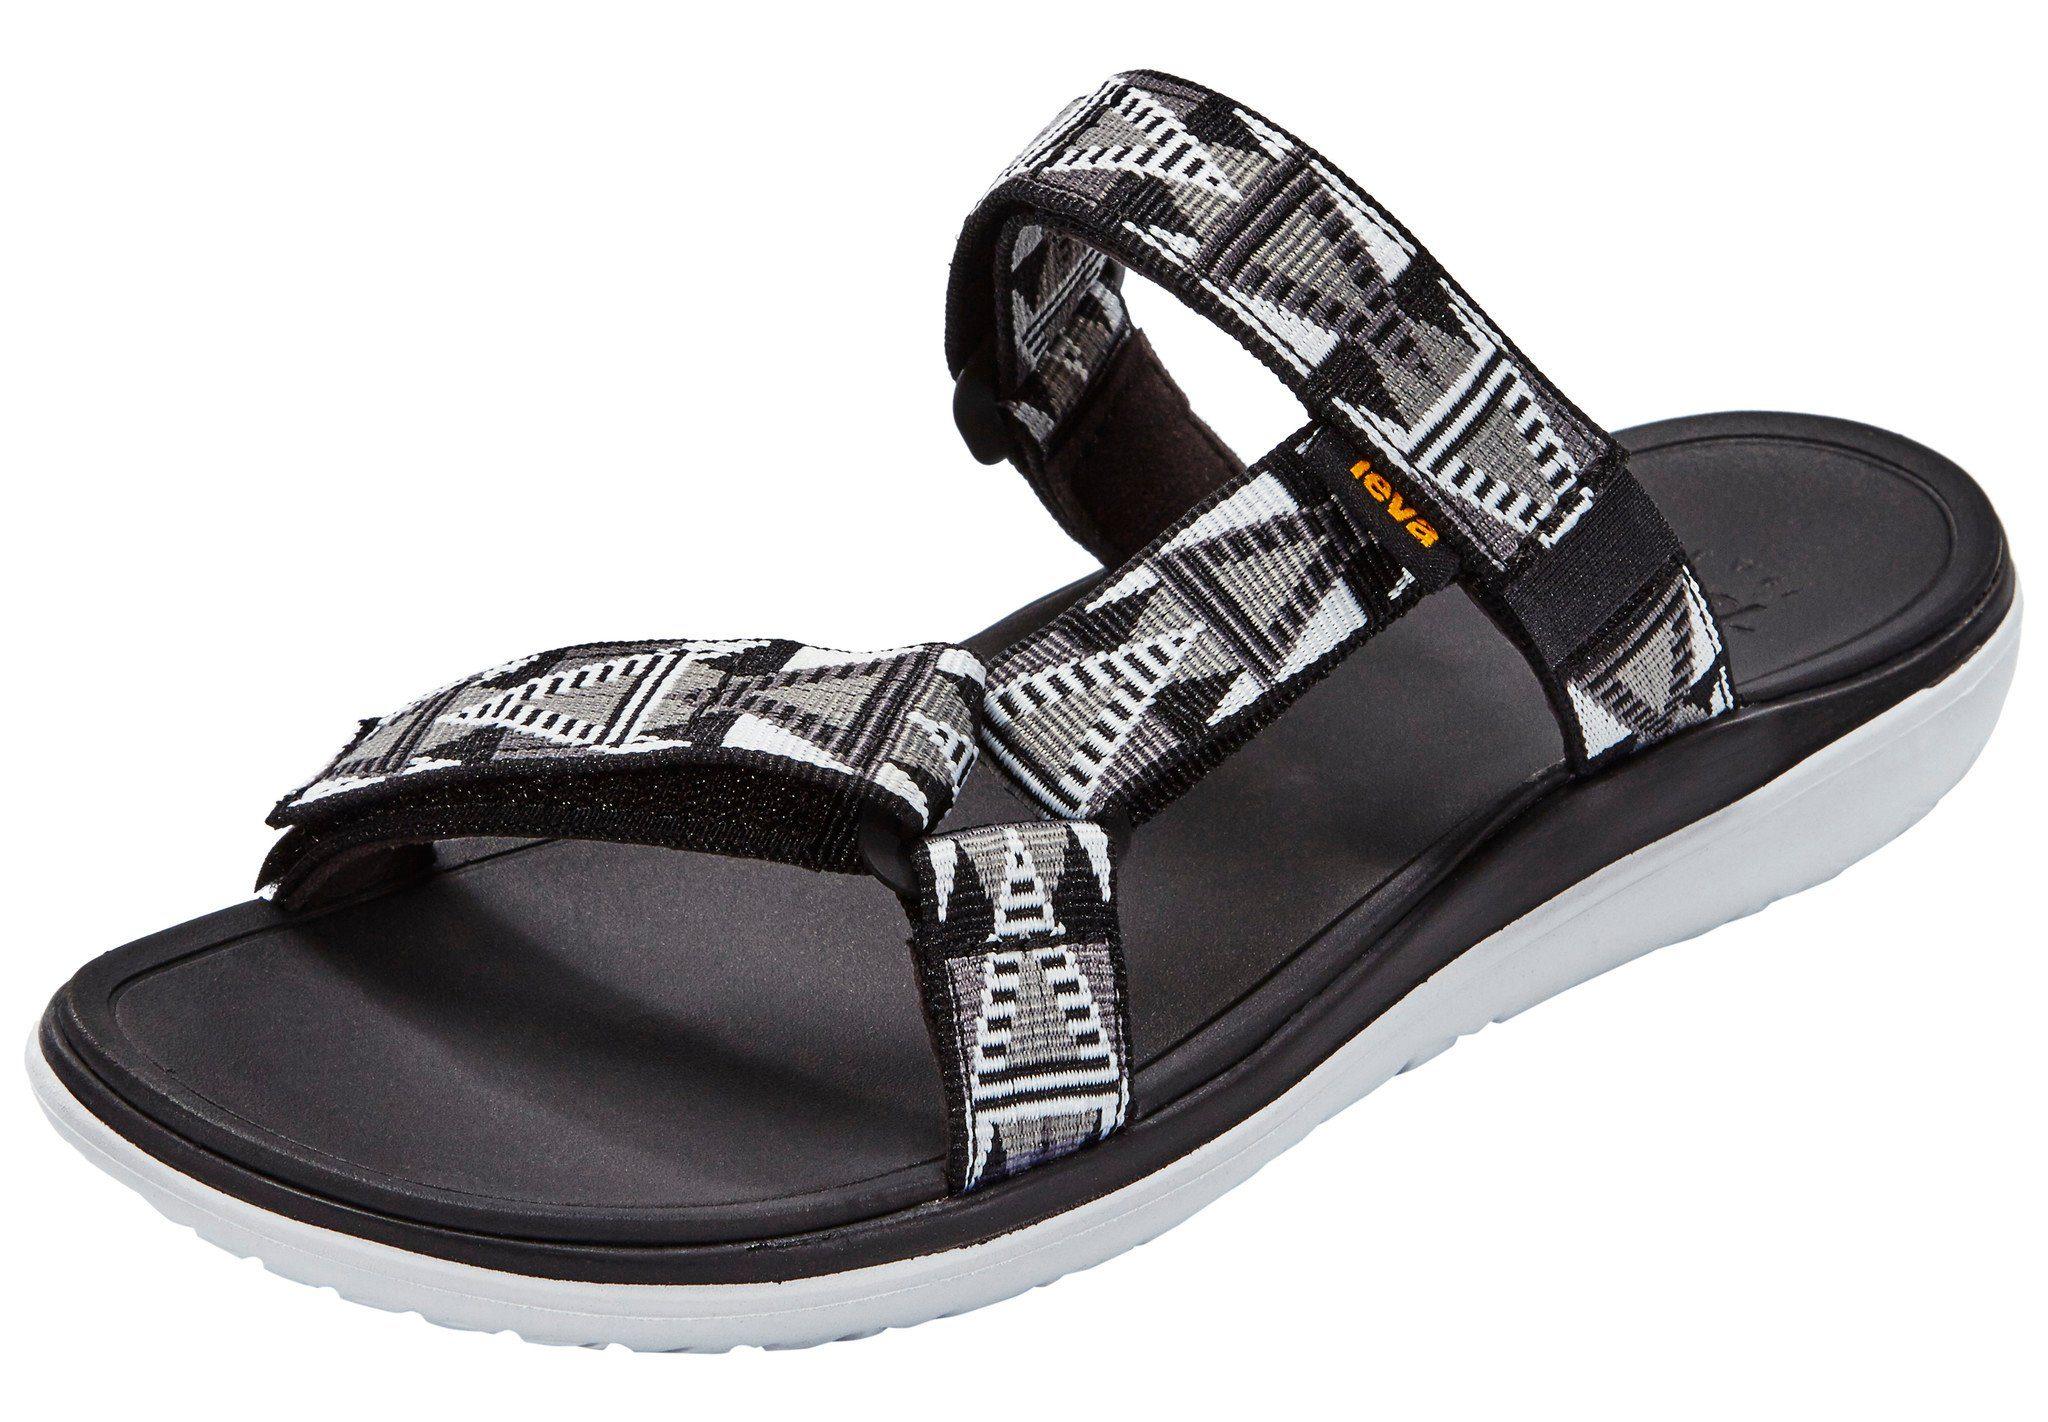 Teva Sandale Terra-Float Lexi Sandals Women  schwarz